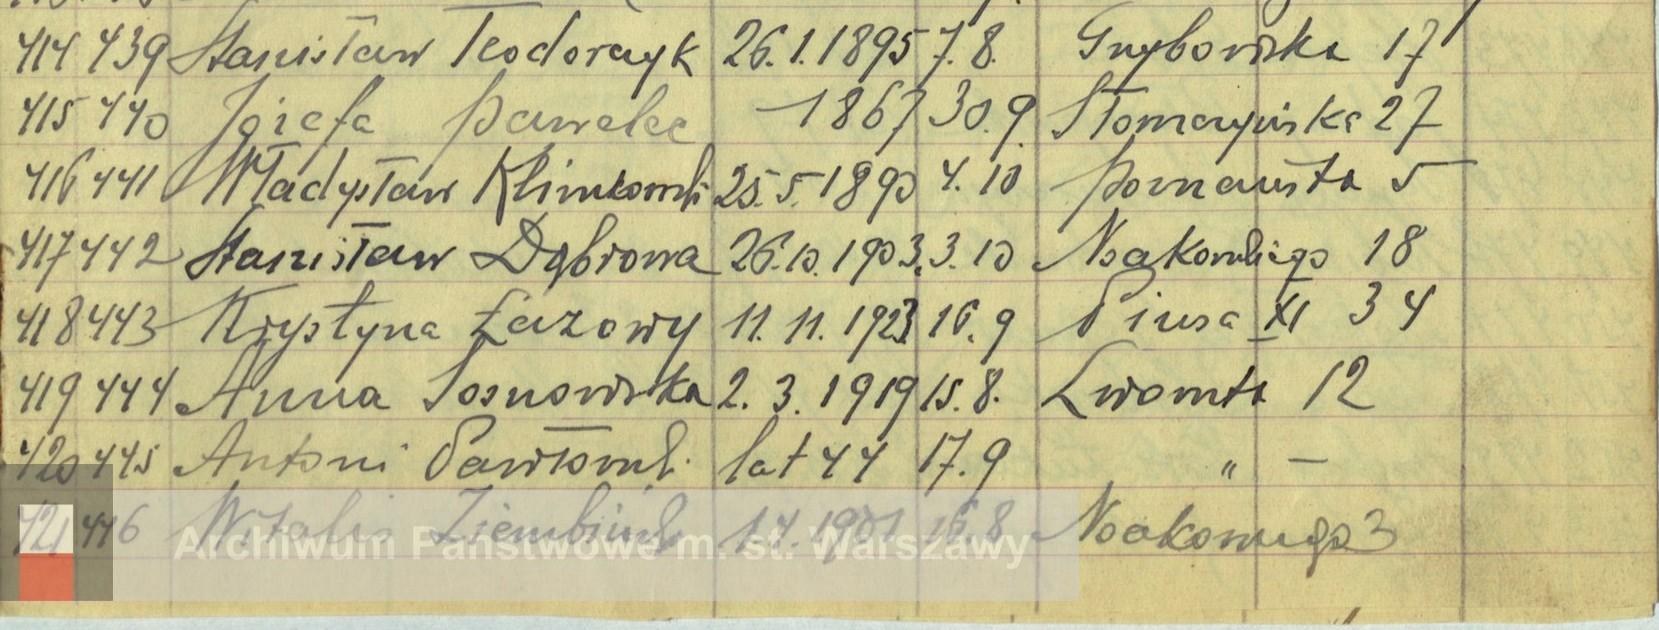 Listy ekshumowanych ze zbiorów Archiwum Państwowego m. st. Warszawy